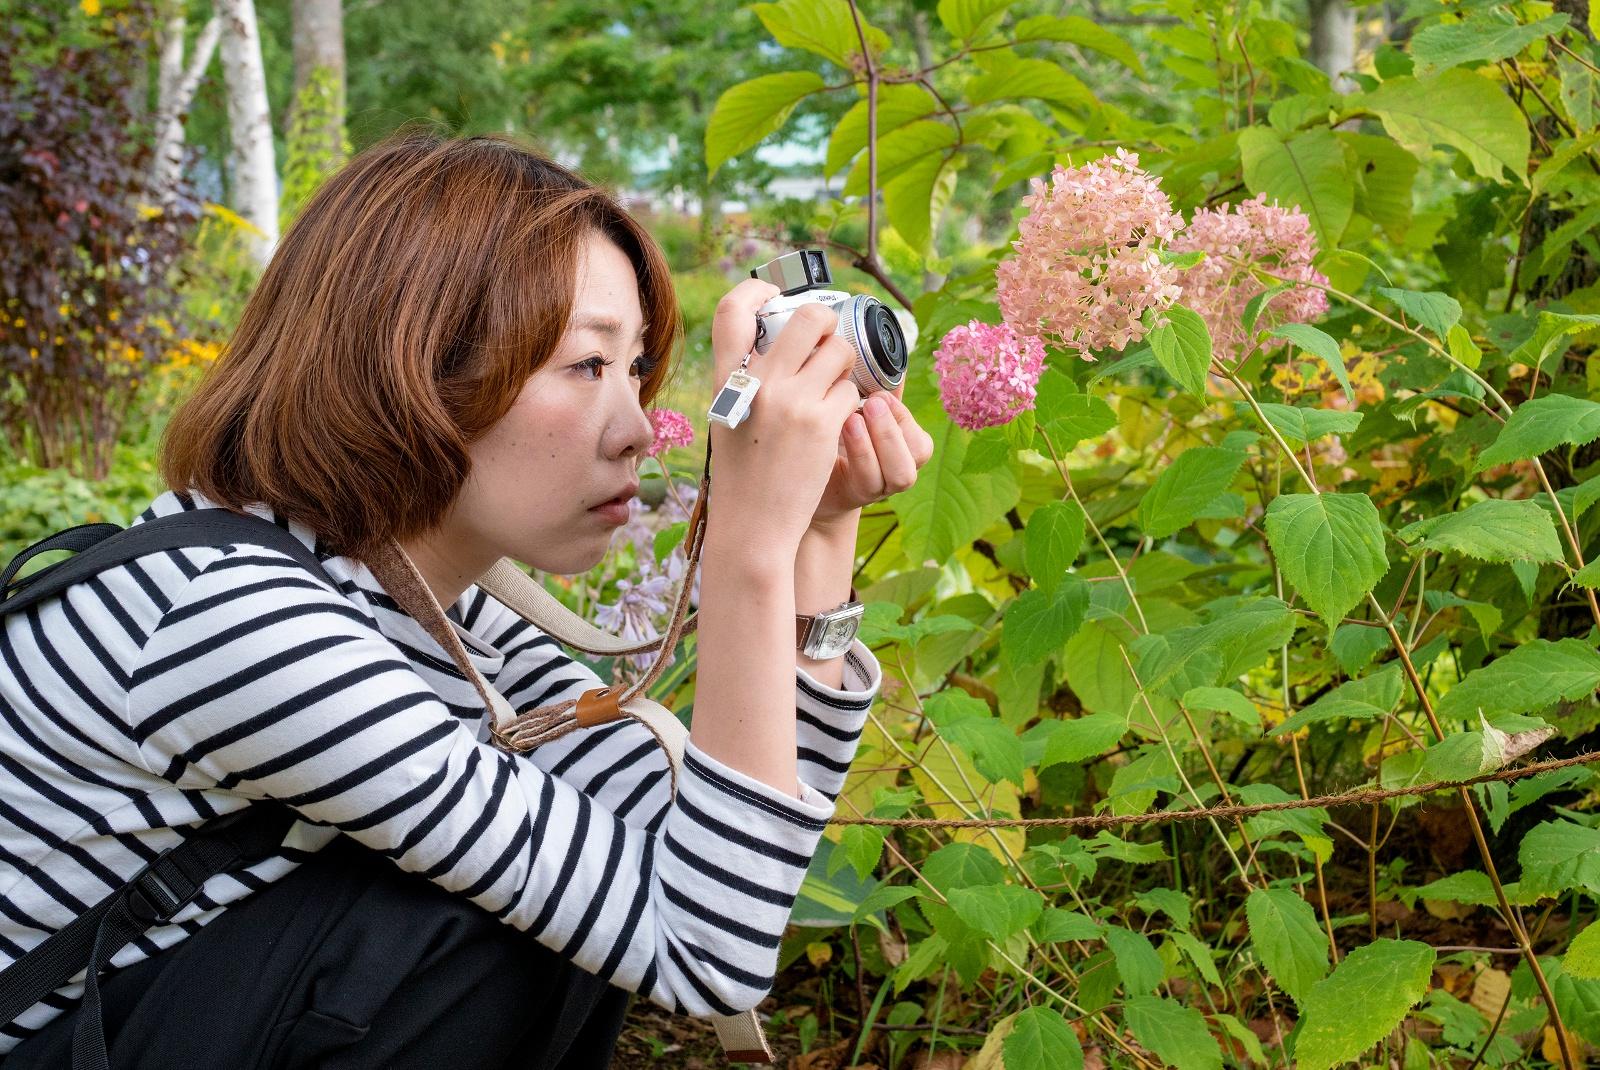 インスタ映えする撮り方とは?大雪山大学で「共感フォト講座」開催!